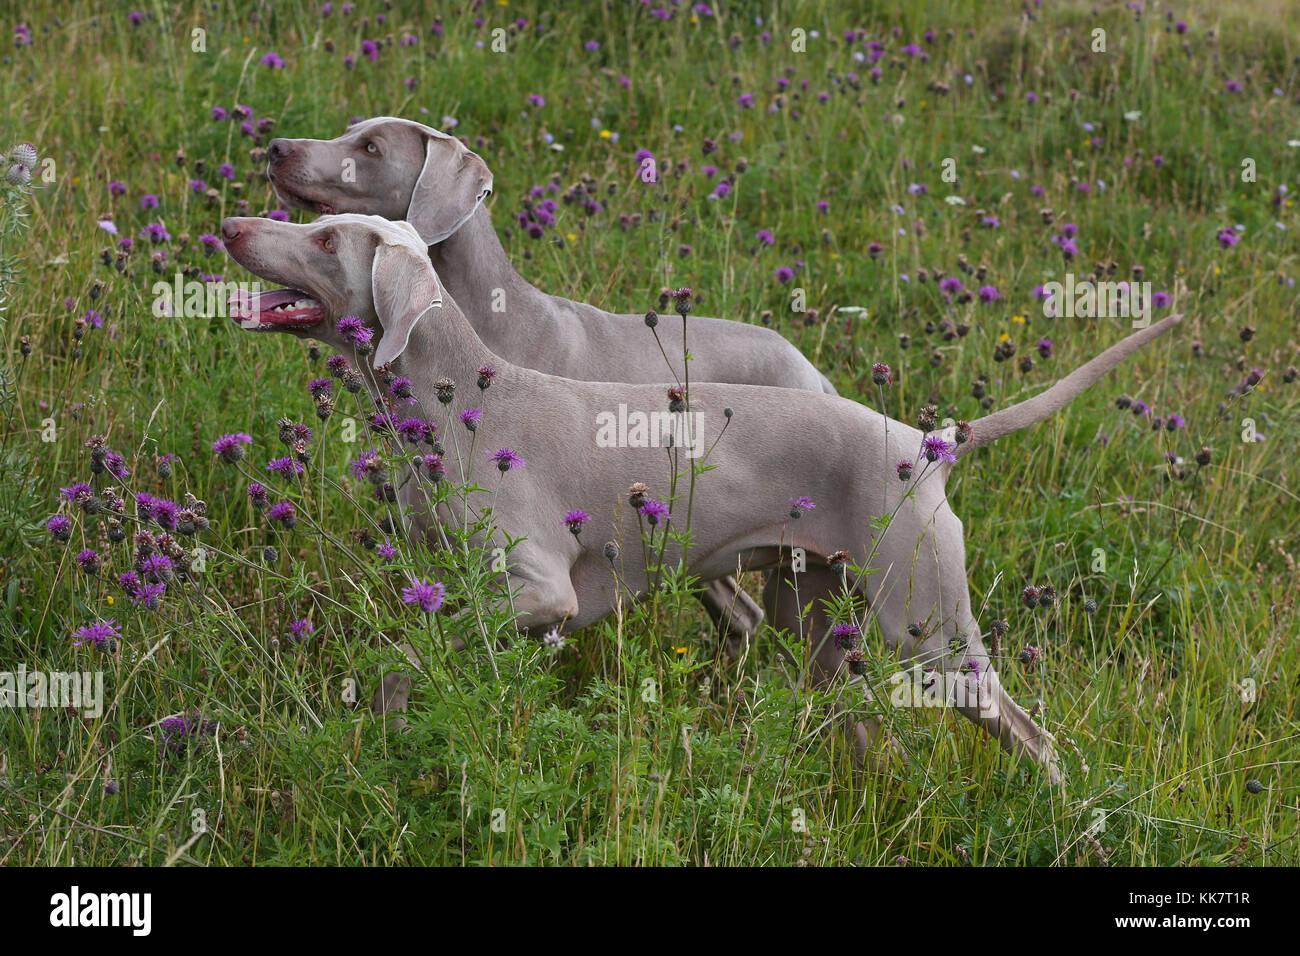 Weimaraner Weimaraner Vorstehhund Dogs - Stock Image